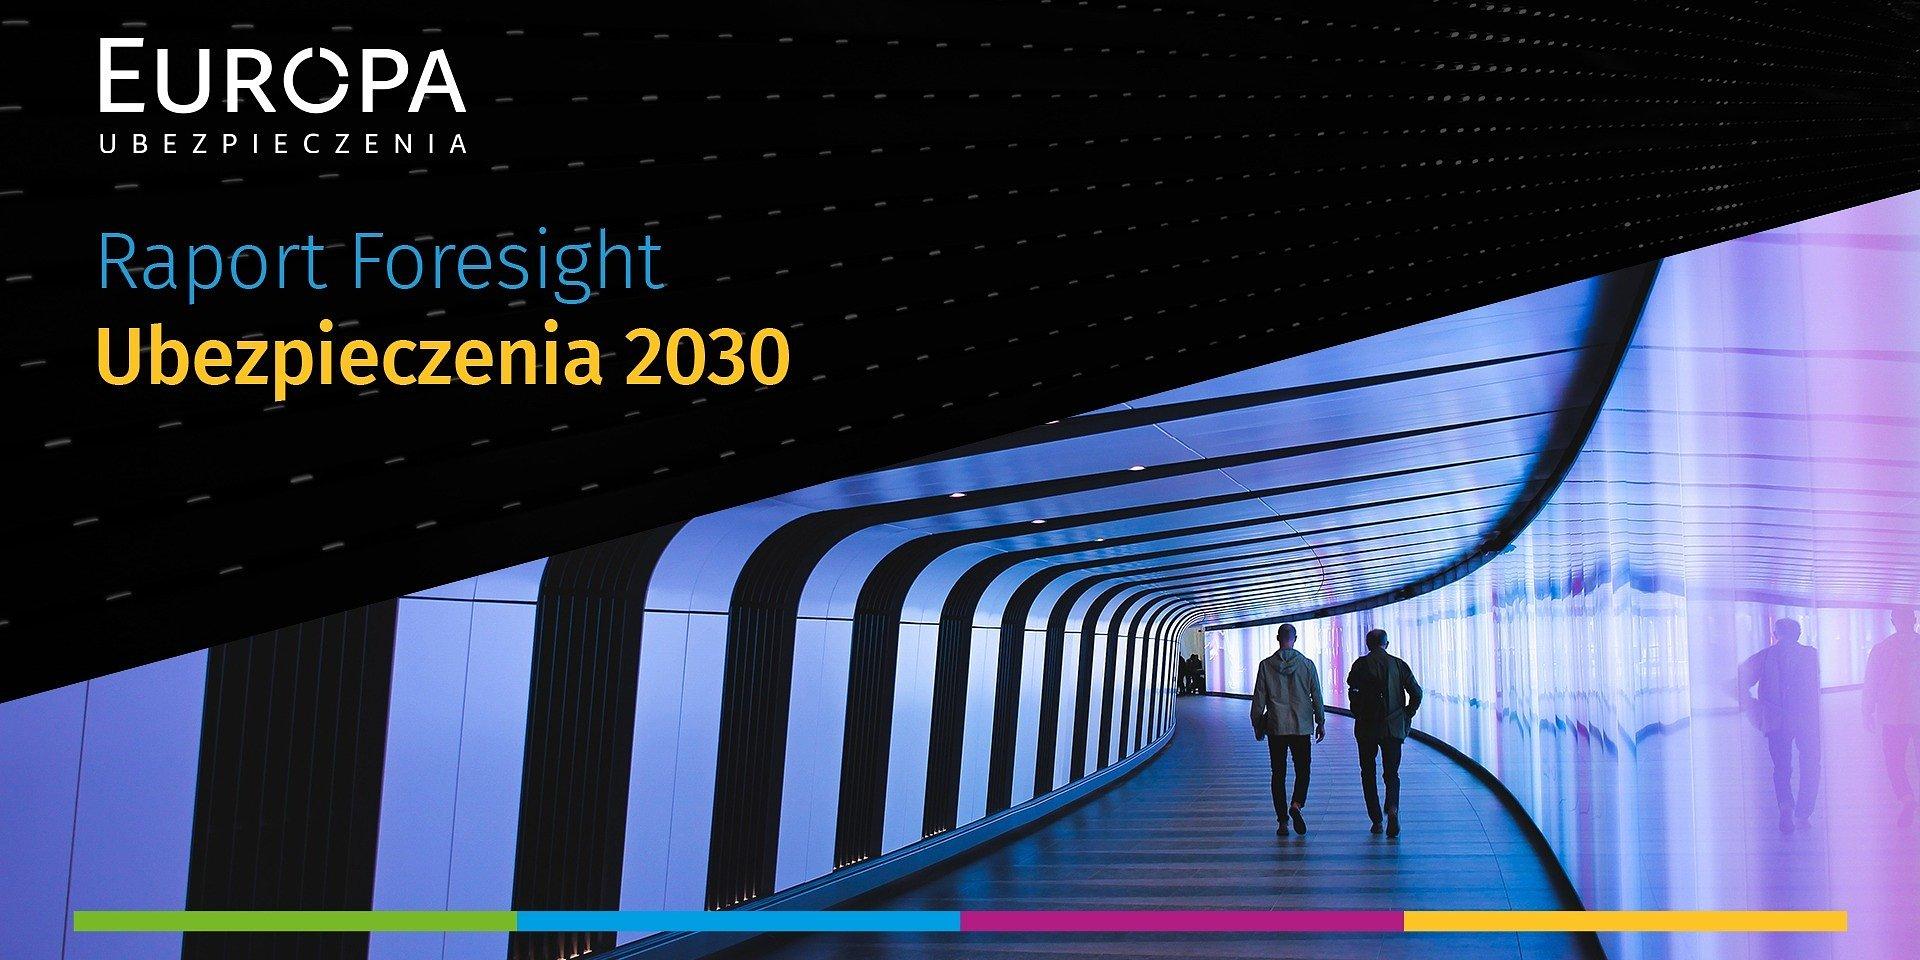 Cztery scenariusze rozwoju - jak będzie wyglądał rynek ubezpieczeń w 2030 roku?